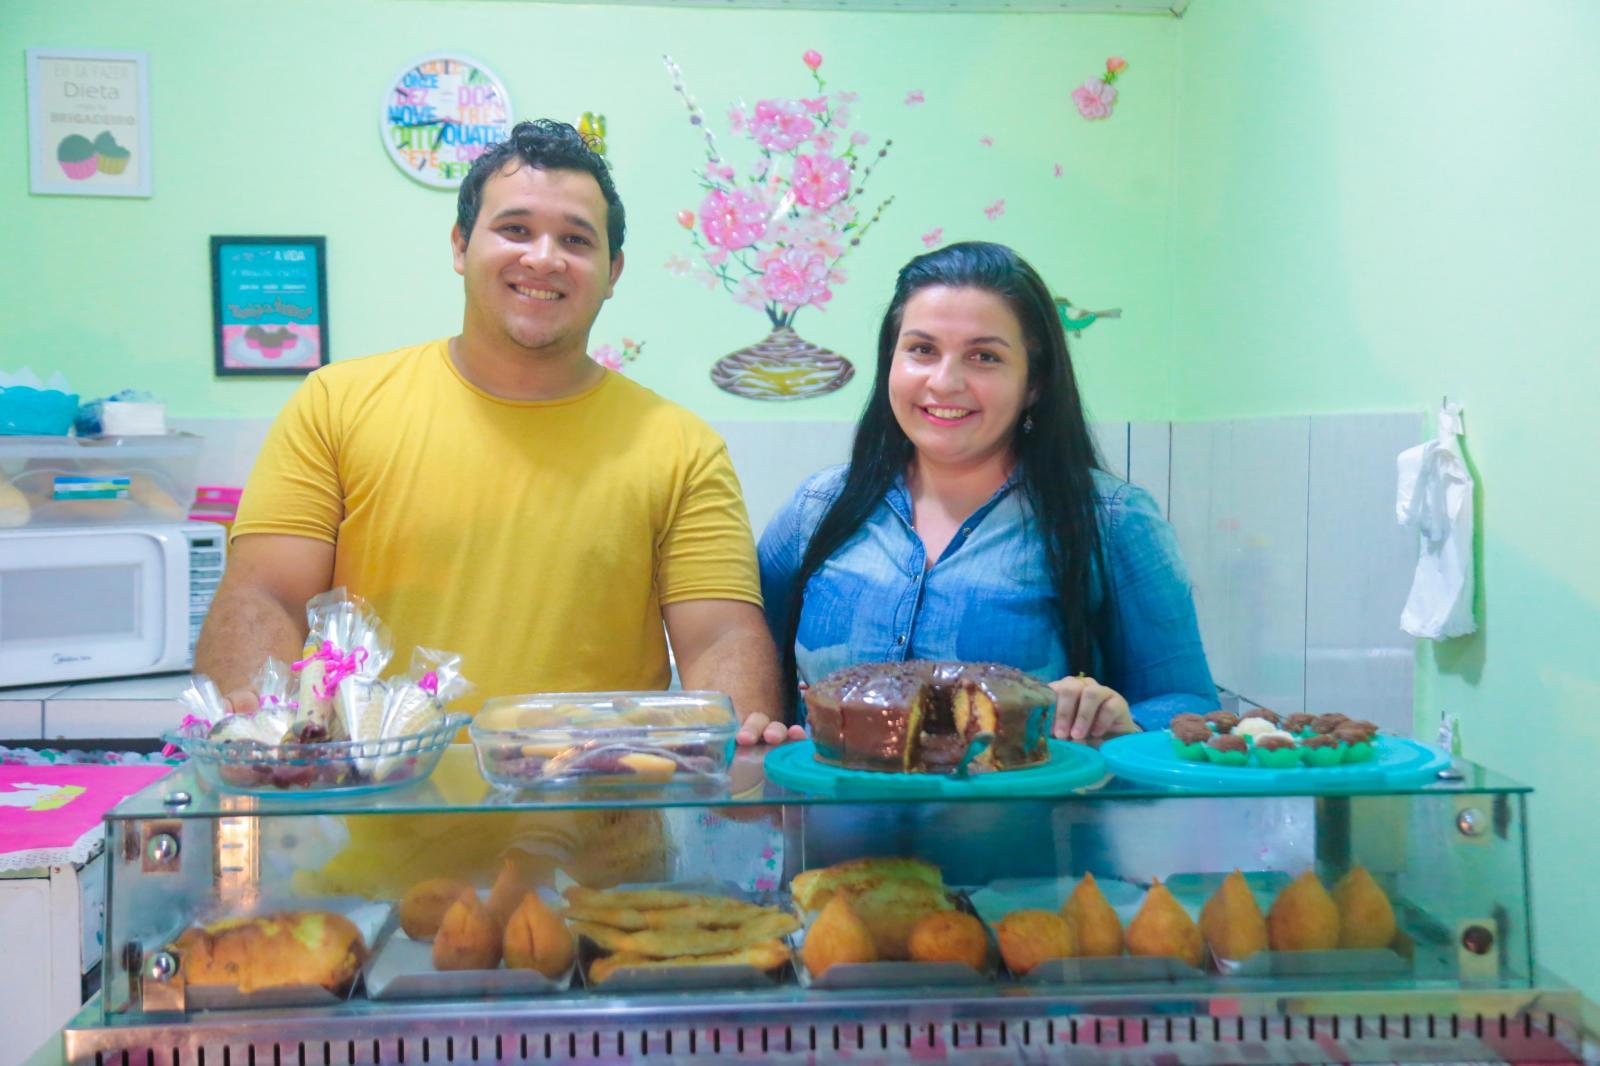 Gastronomia - Uma parada pra lanchar no Delícias da Micha